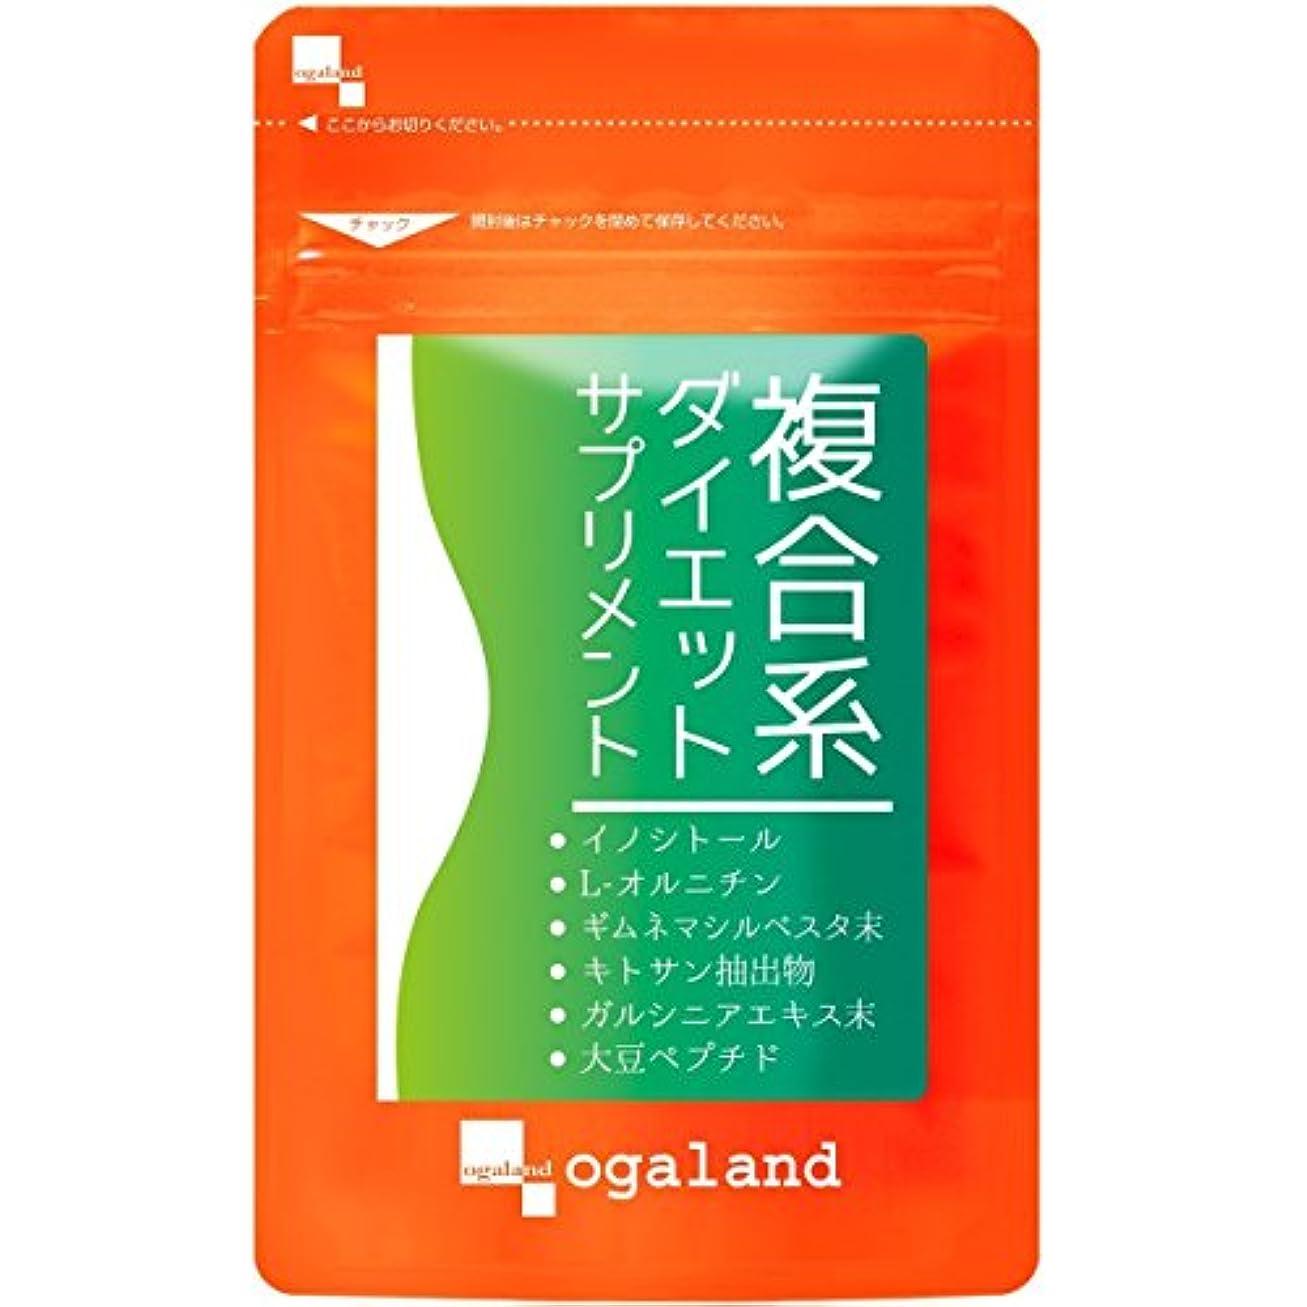 裁量障害者ビート【Amazon.co.jp限定】複合系ダイエットサプリメント 90粒